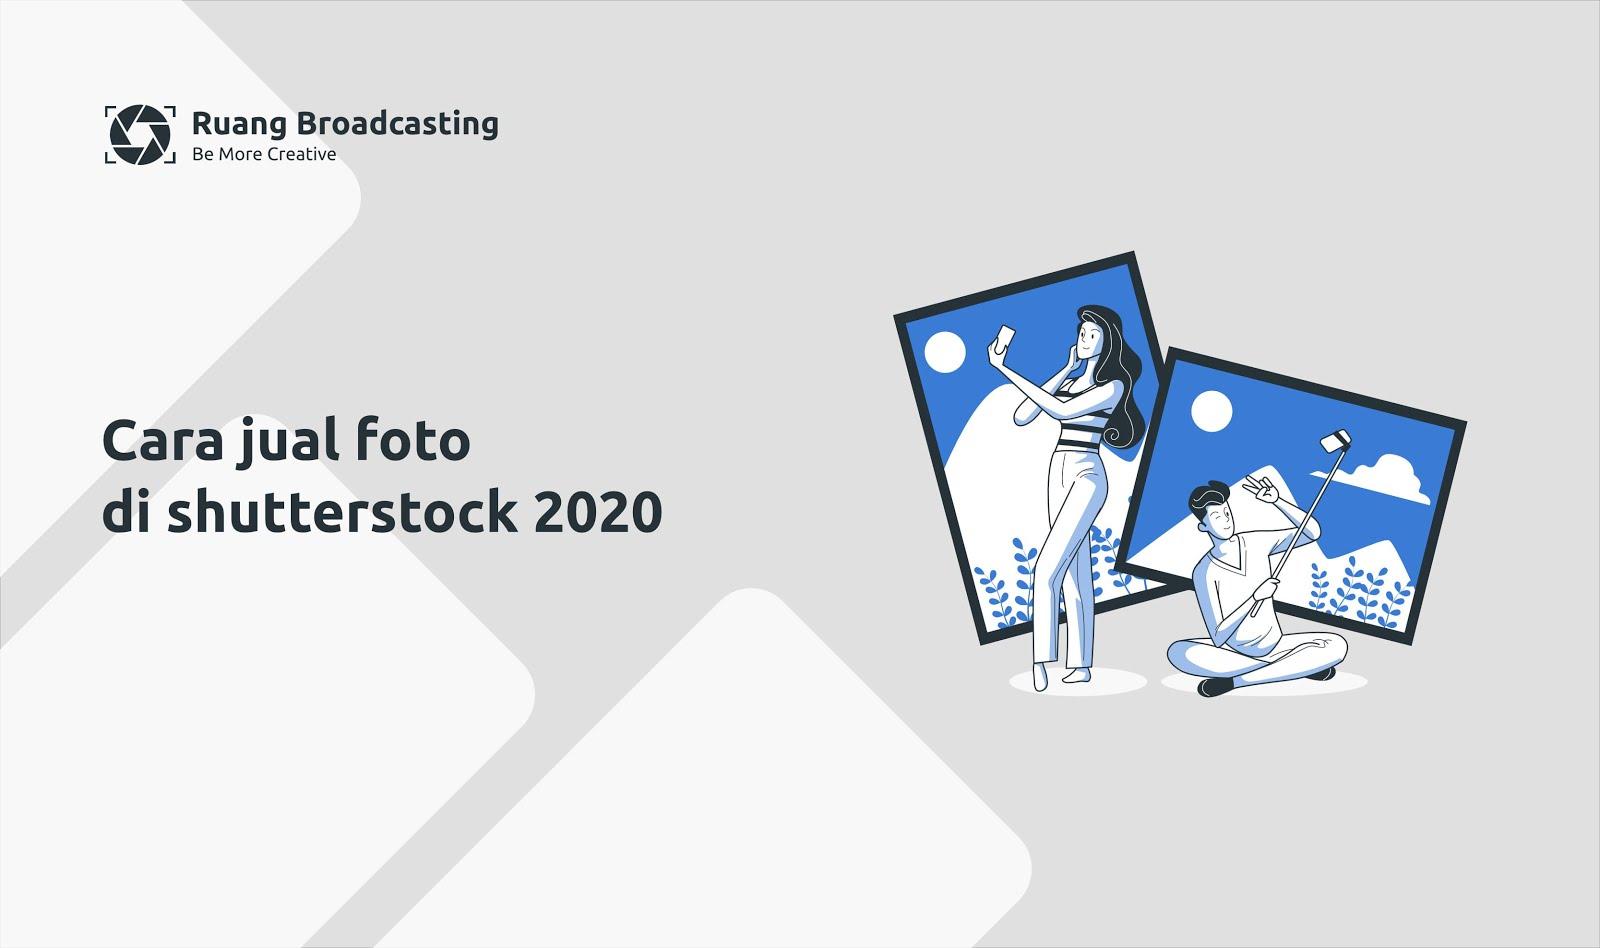 cara jual foto di shutterstock 2020